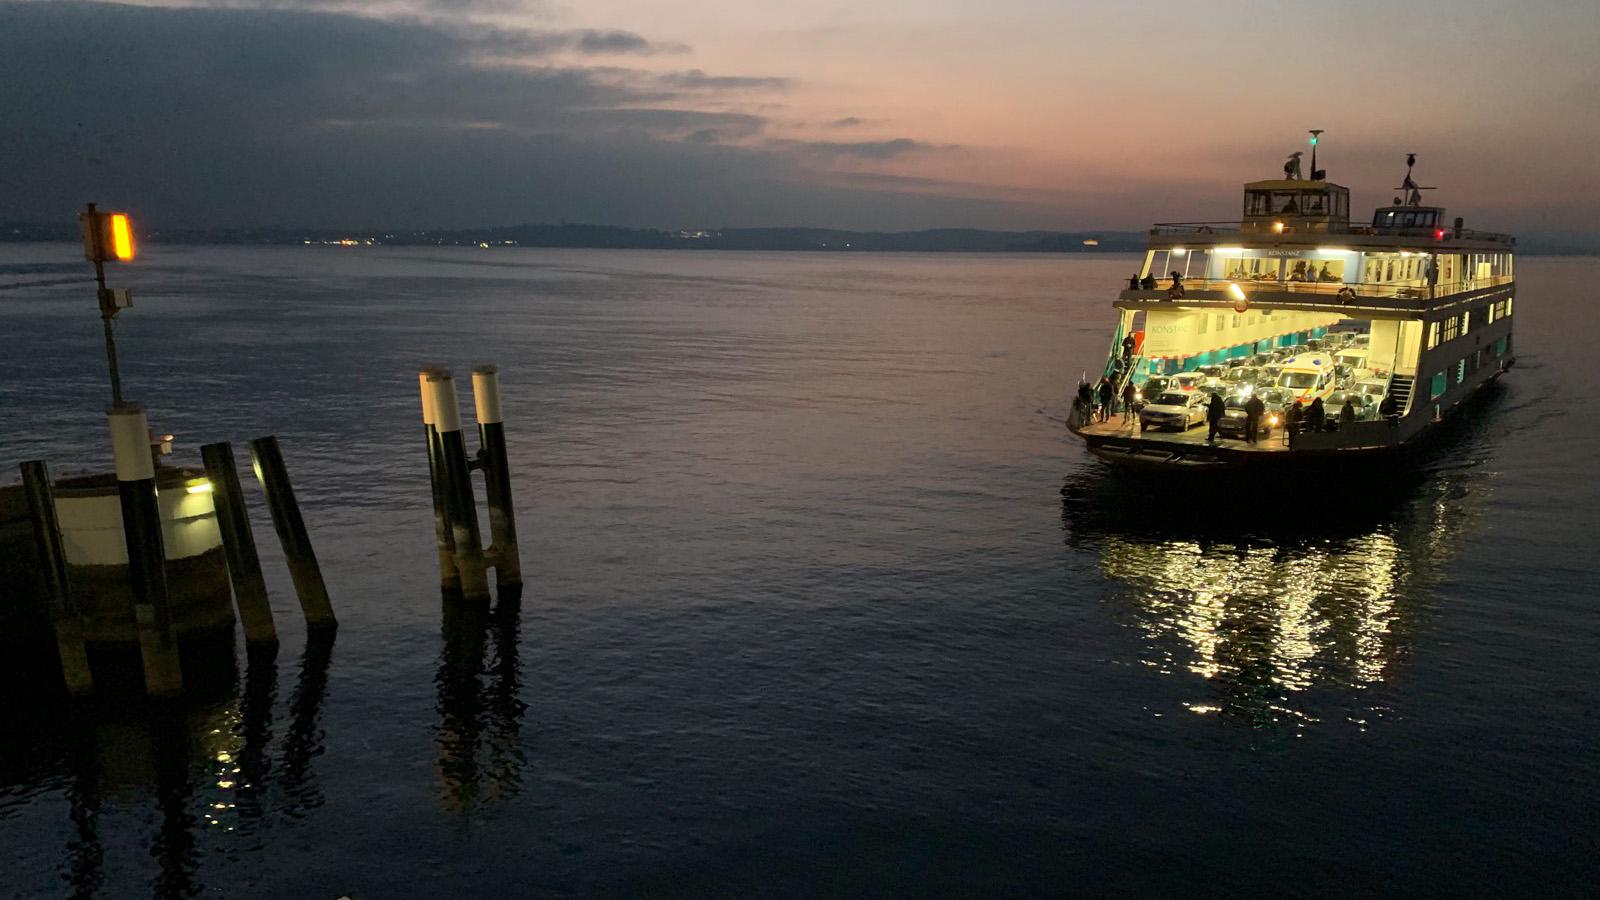 Abendstimmung am Fähreanlege-Hafen am Bodensee im Sommer